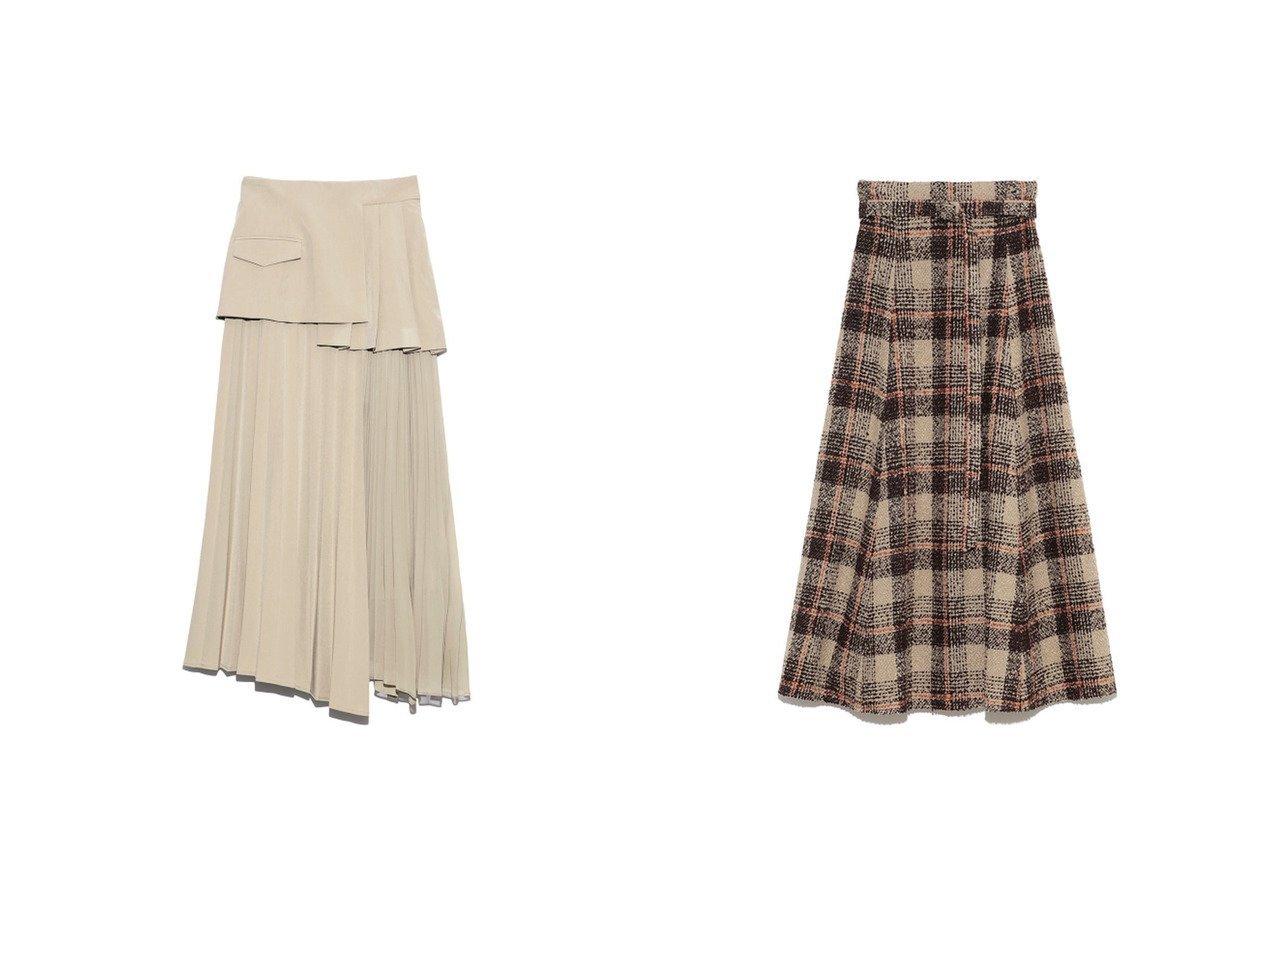 【SNIDEL/スナイデル】のスイッチングプリーツスカート&【Mila Owen/ミラオーウェン】のループチェックマキシフレアSK スカートのおすすめ!人気、レディースファッションの通販 おすすめで人気のファッション通販商品 インテリア・家具・キッズファッション・メンズファッション・レディースファッション・服の通販 founy(ファニー) https://founy.com/ ファッション Fashion レディース WOMEN スカート Skirt プリーツスカート Pleated Skirts アシンメトリー エアリー 秋 シフォン スマート バランス フレア プリーツ ミックス チェック ロング  ID:crp329100000003035